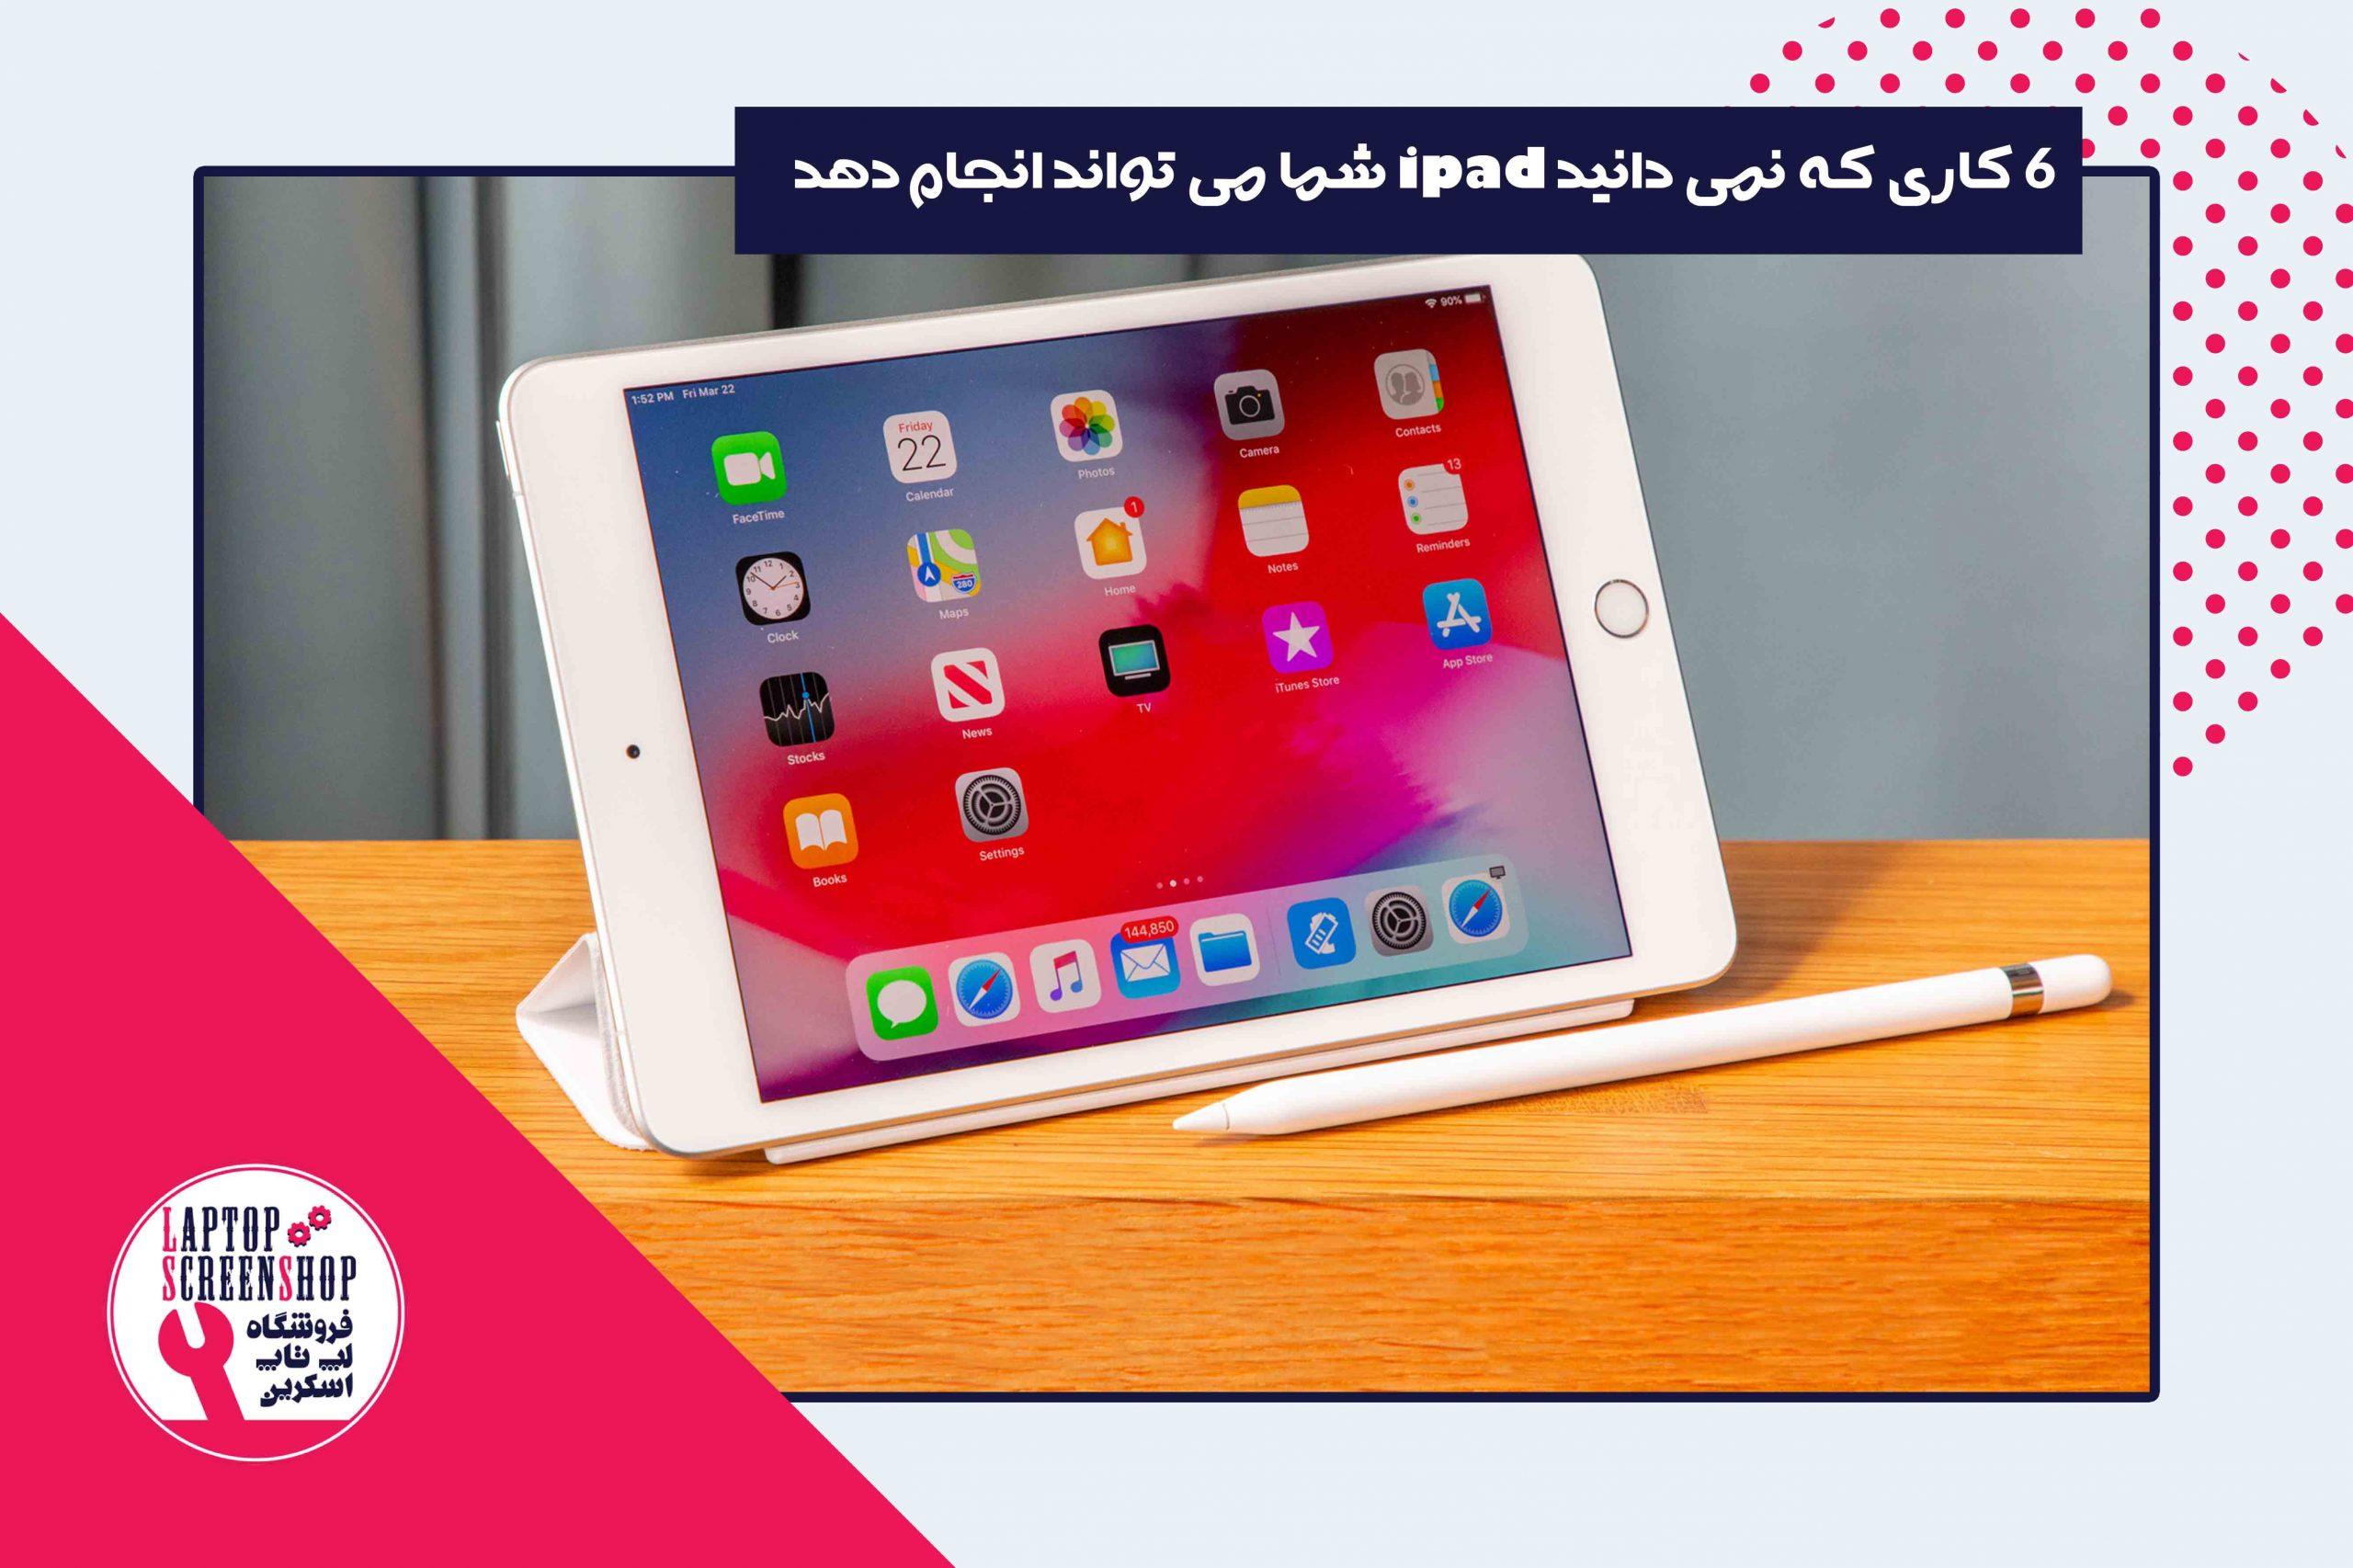 6 کاری که نمی دانید ipad شما می تواند انجام دهد  تعمیرات گوشی   تعمیرات لپ تاپ